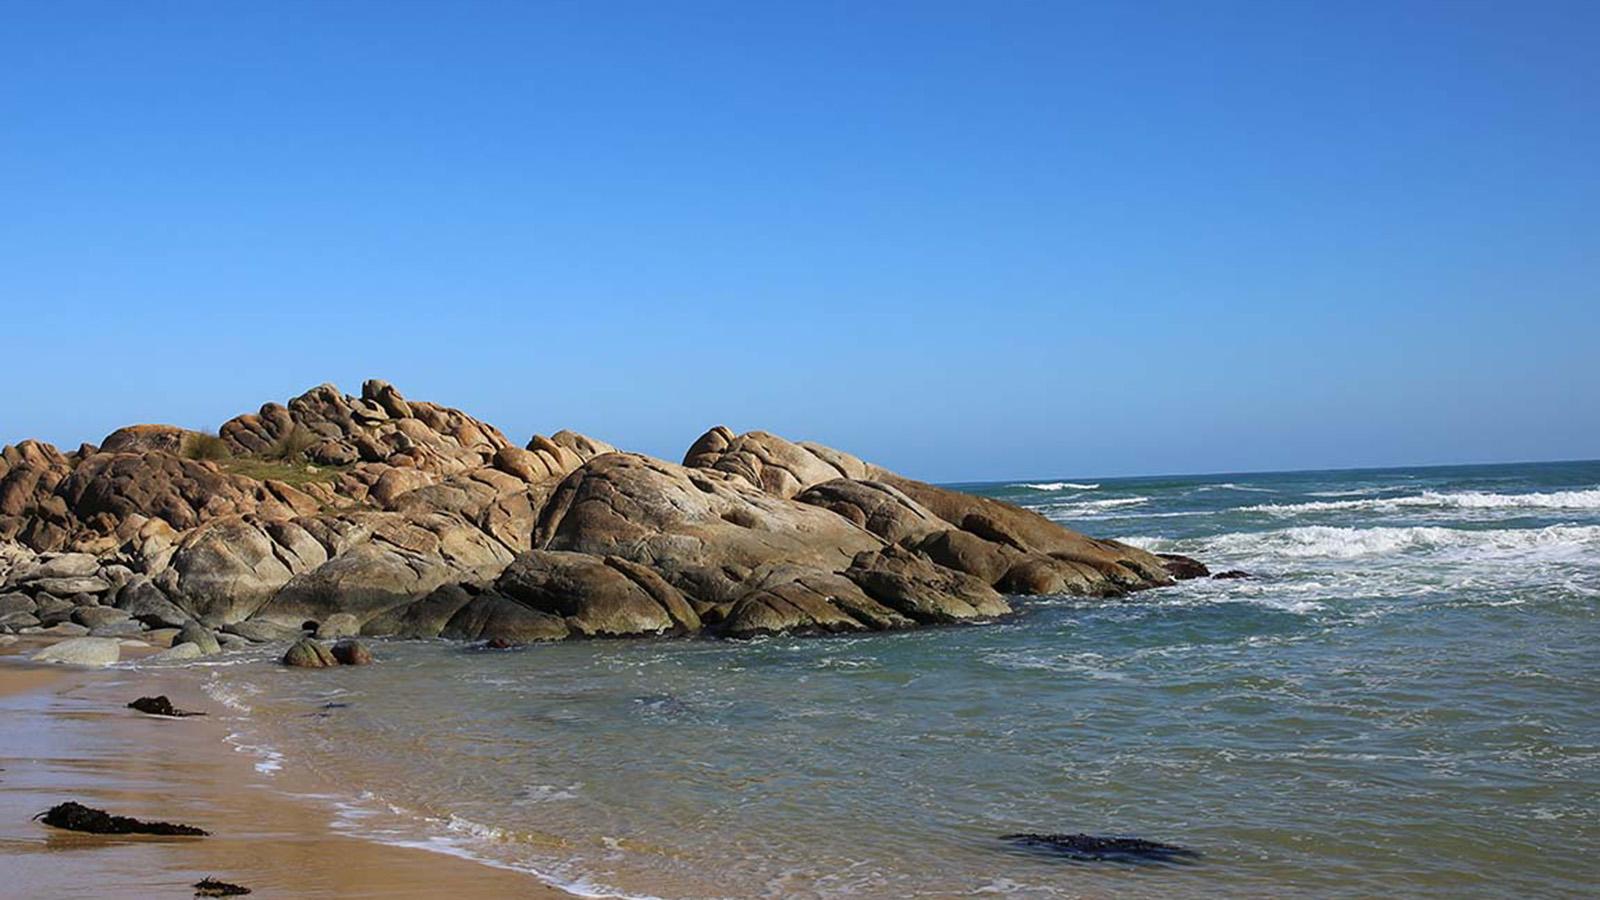 Rocks at Cape Conran, Gippsland, Victoria, Australia